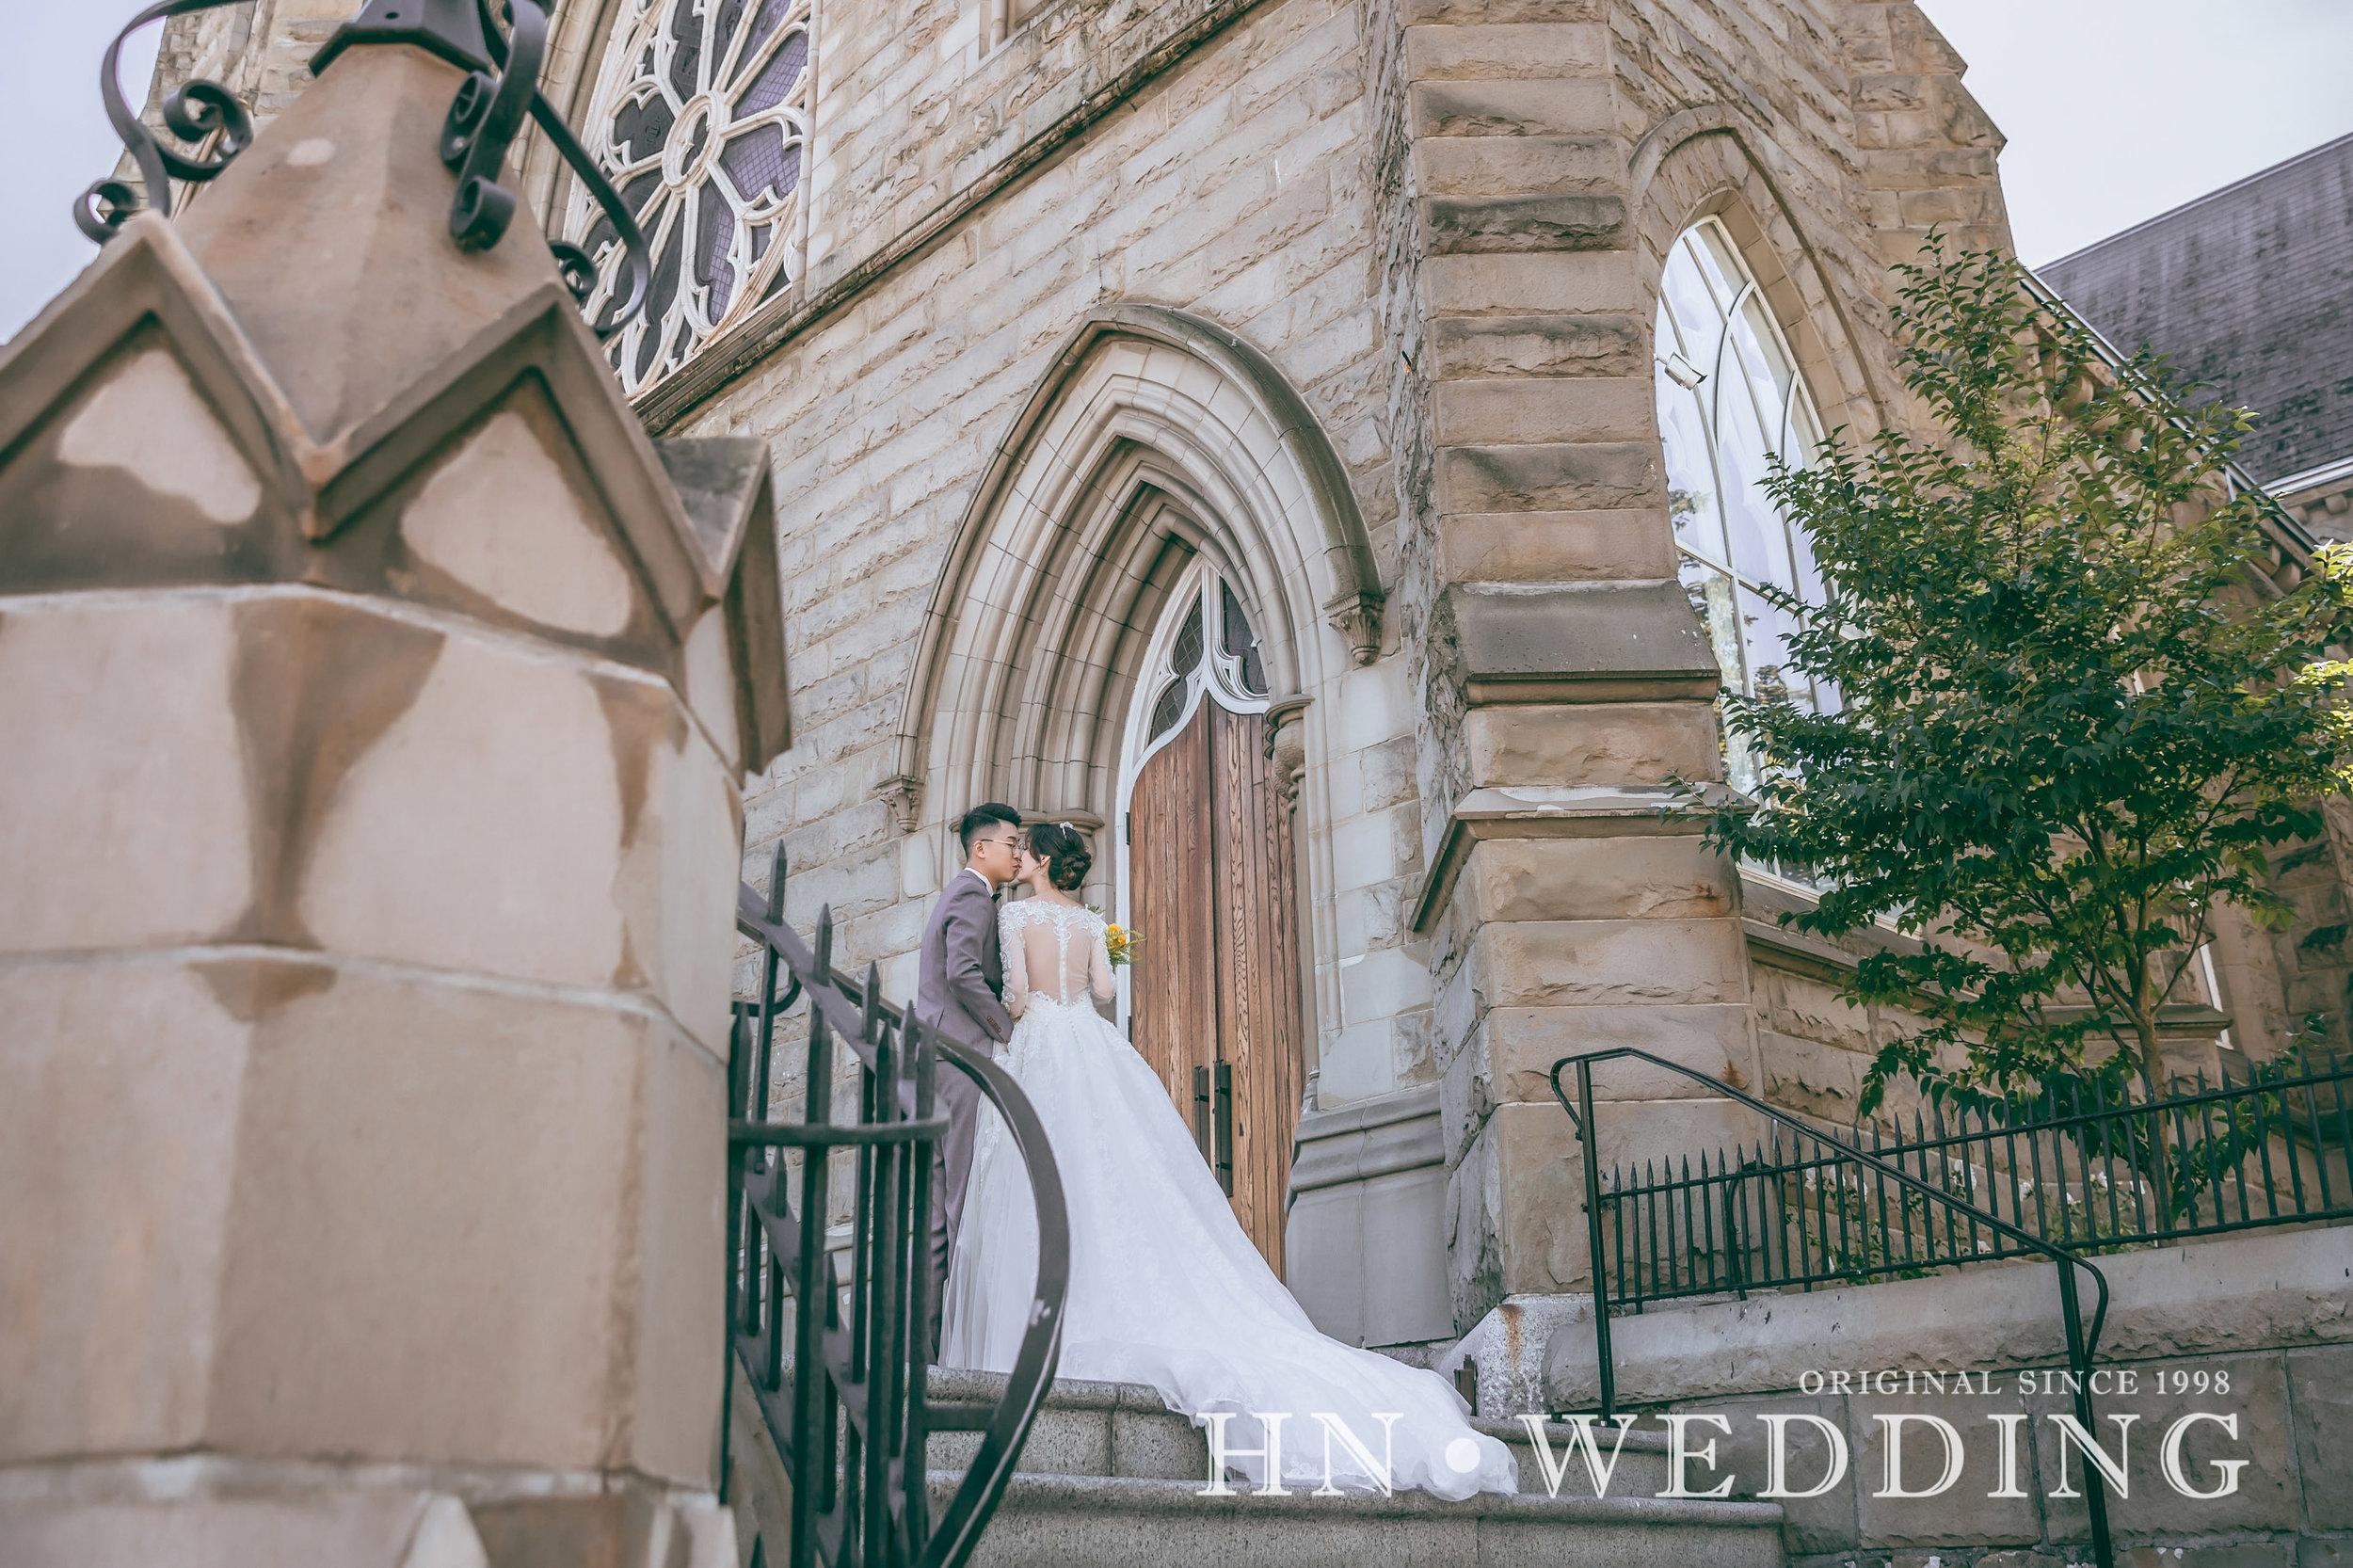 hnweddingprewedding0905--6.jpg